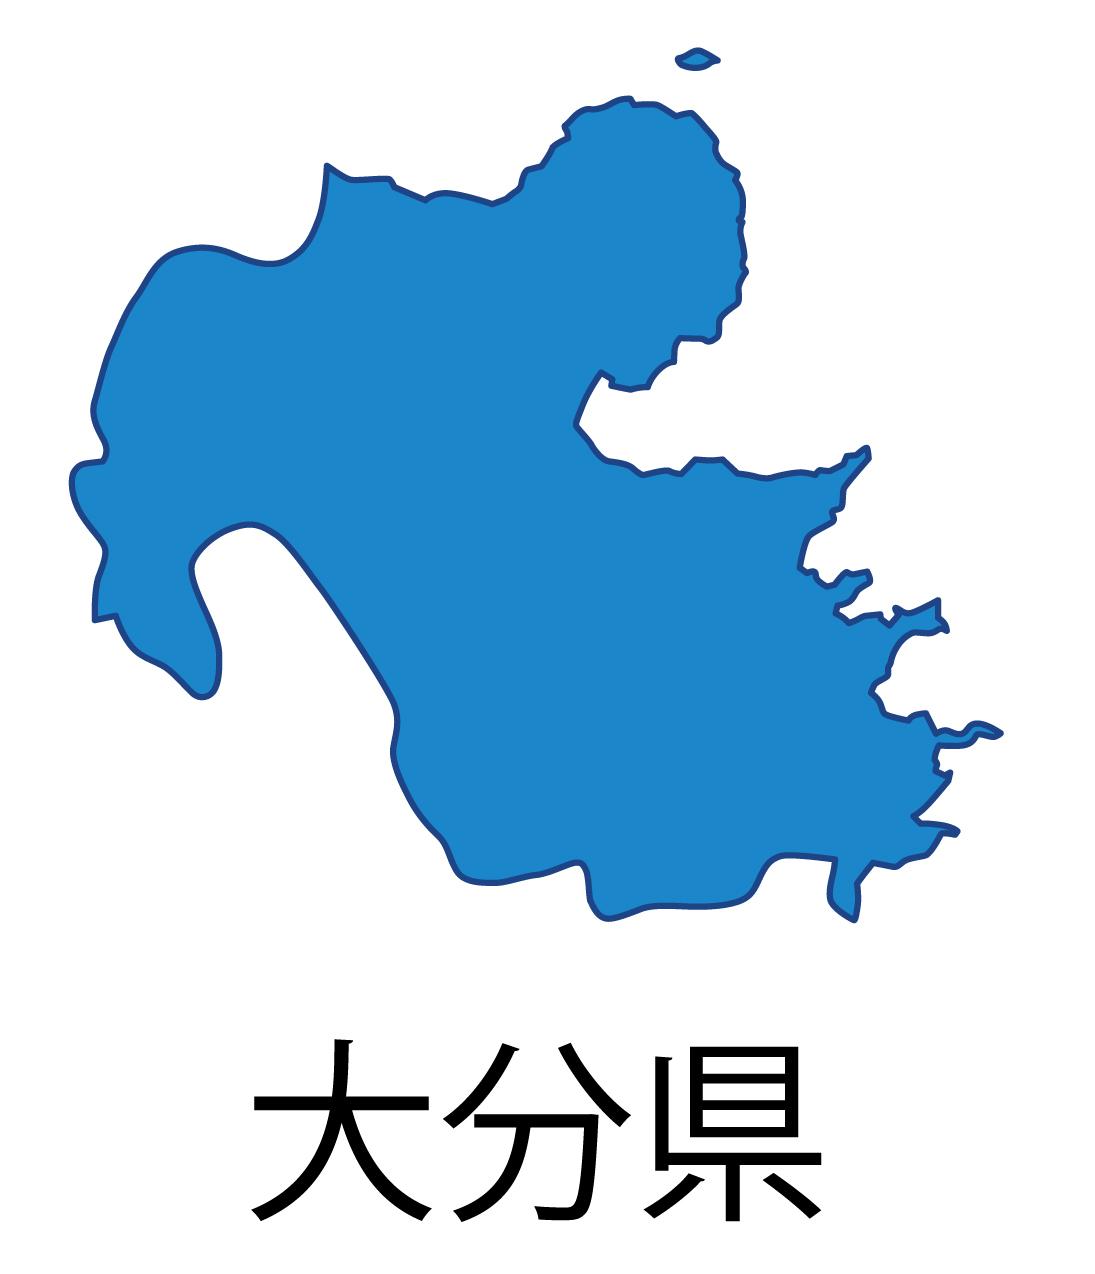 大分県無料フリーイラスト|日本語・都道府県名あり(青)